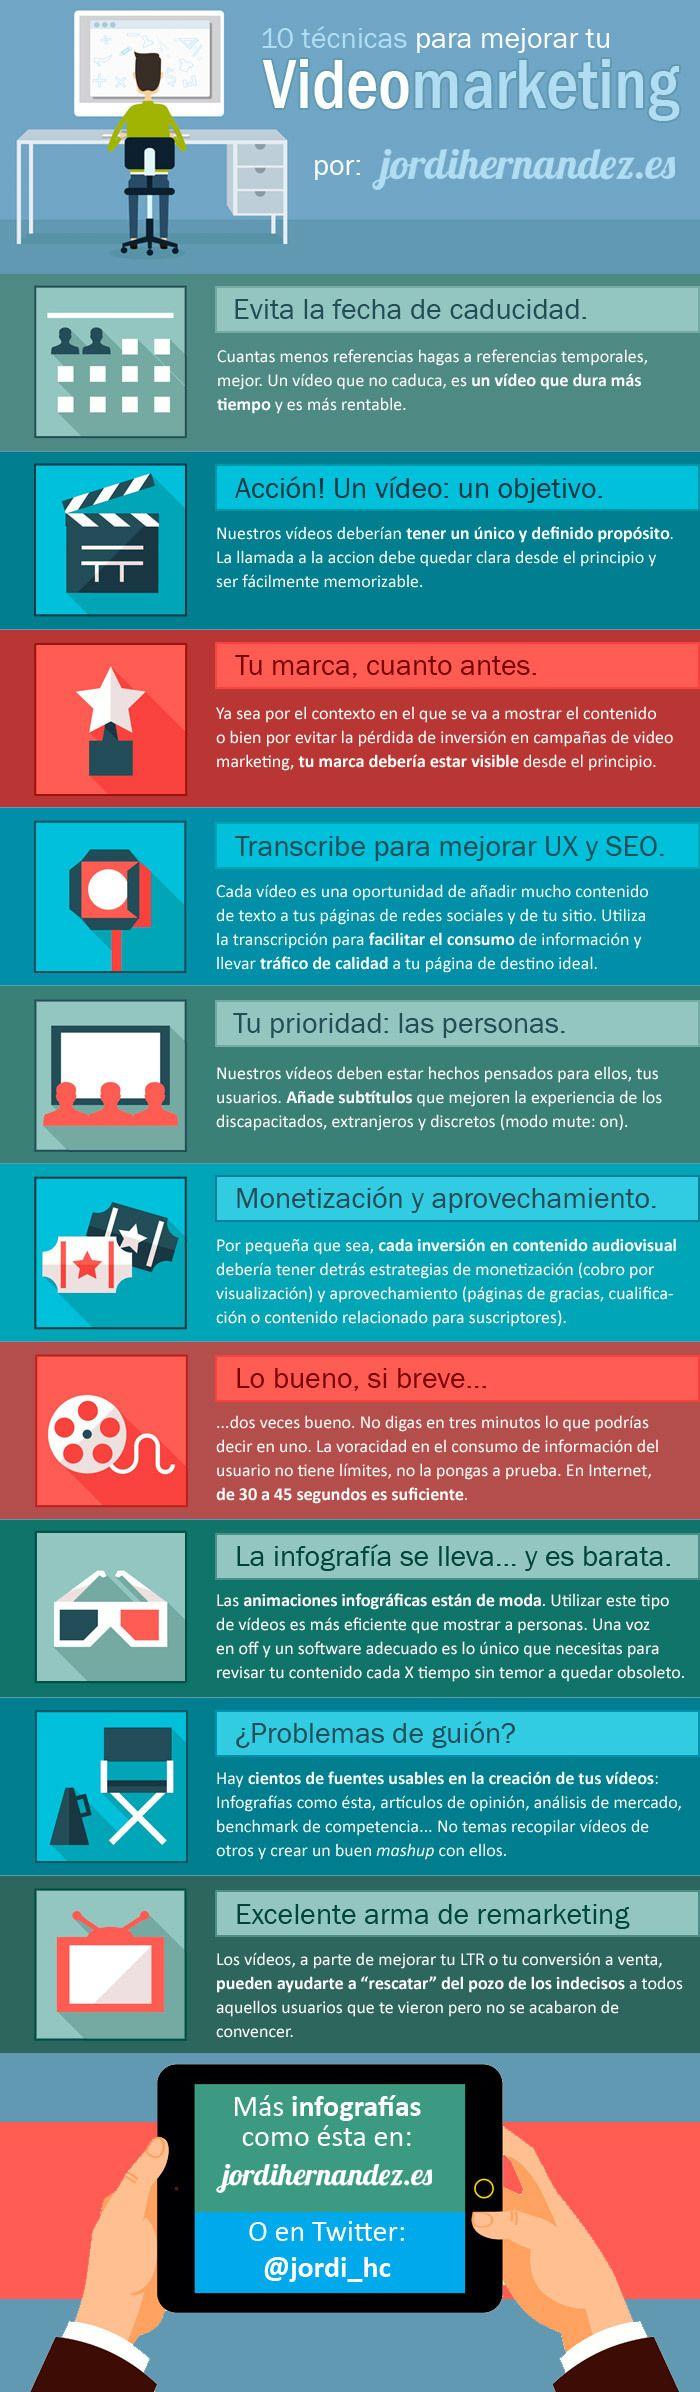 10 formas de optimizar tus campañas de vídeo marketing #infografia #marketing